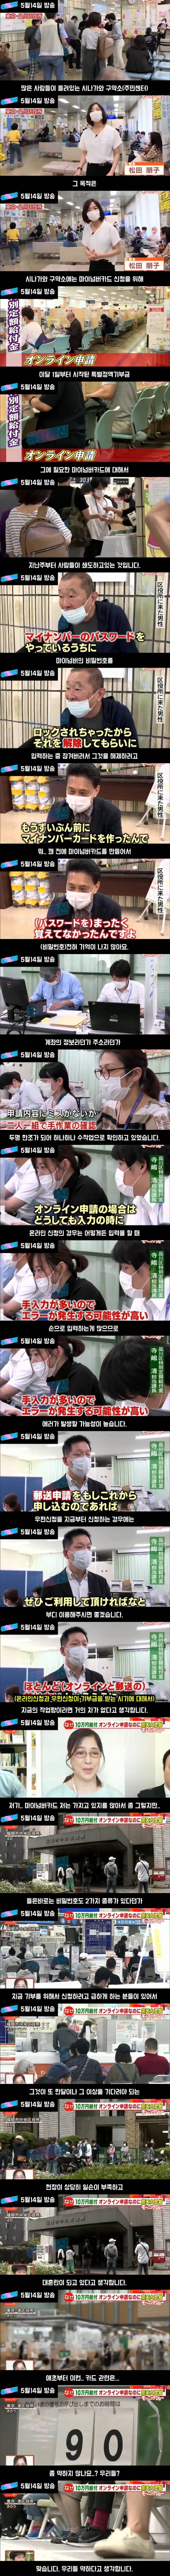 일본 아날로그 감성 재난지원금 신청방법.jpg